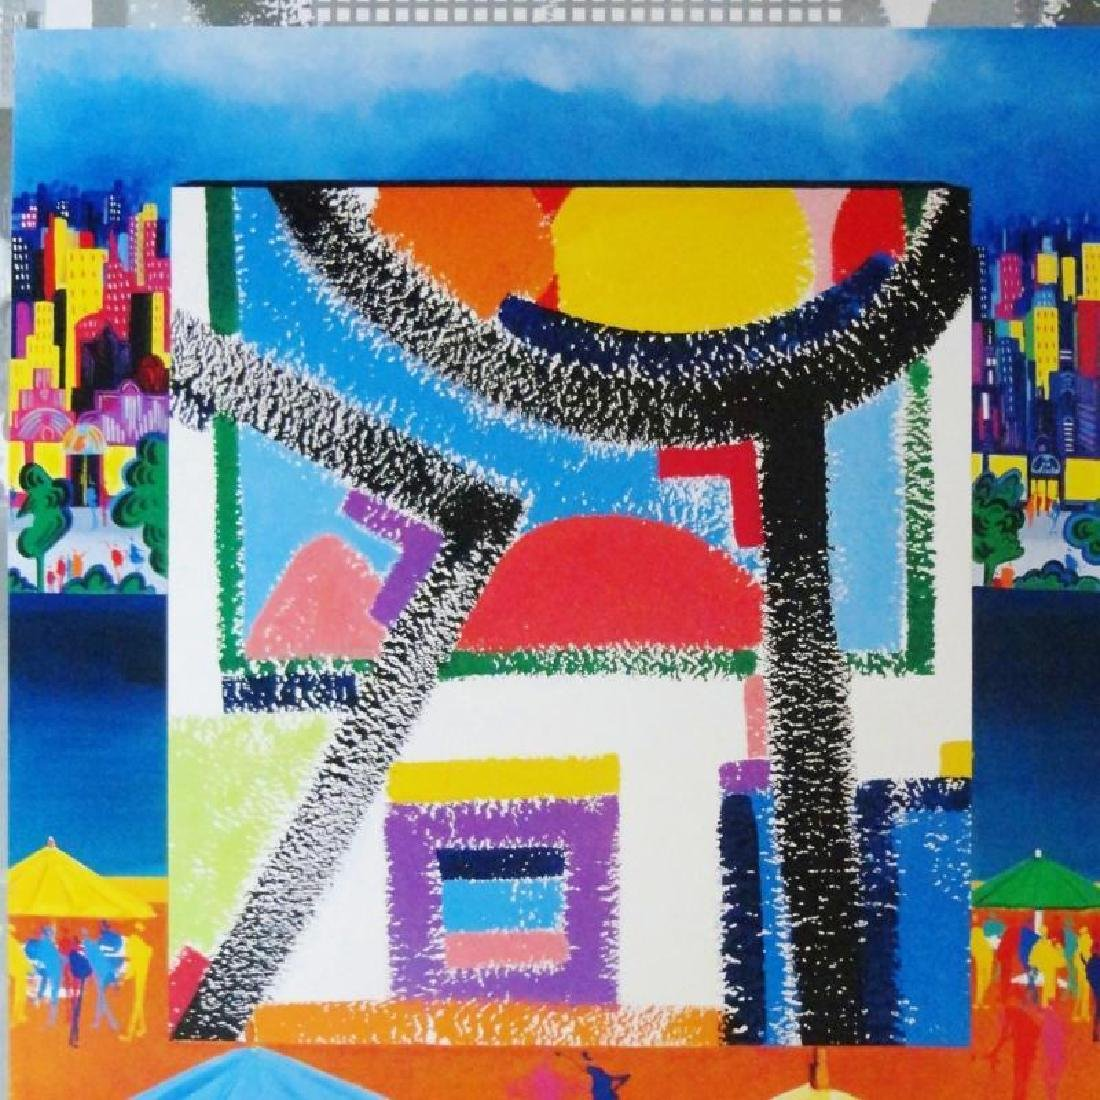 Posillico Pop Art Deco Colored Litho SALE DEALER - 3